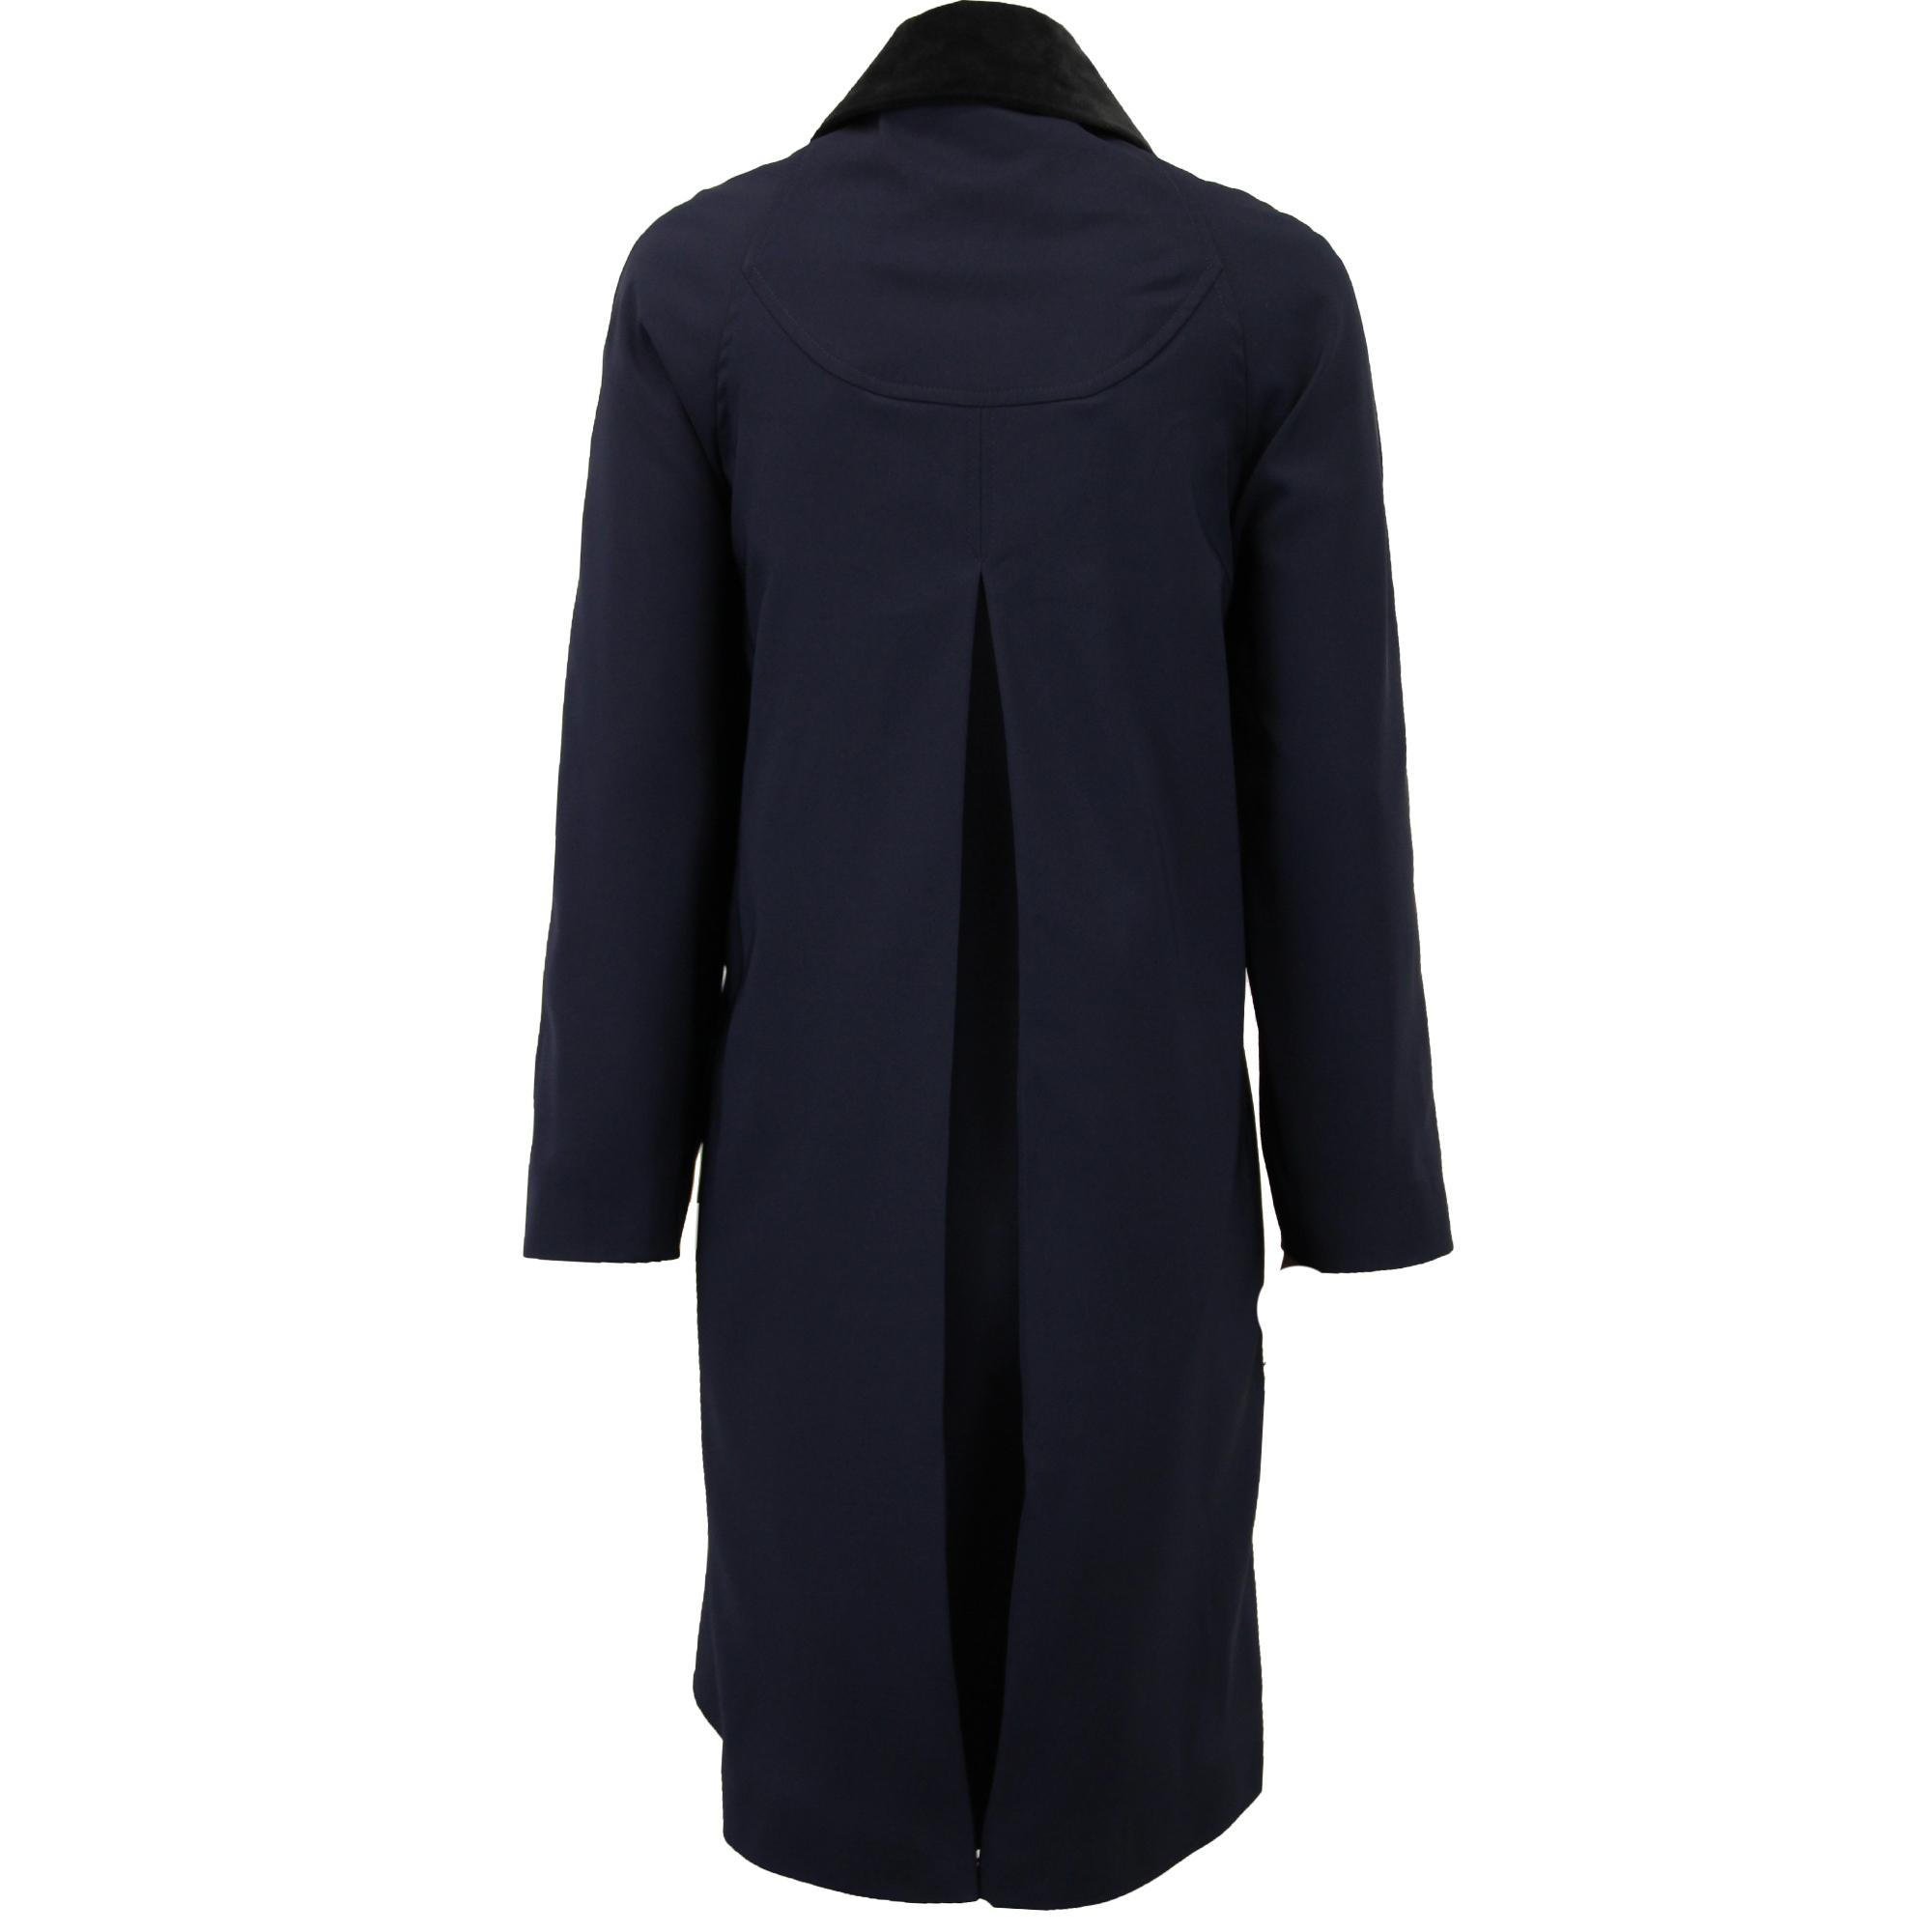 Womens summer coats